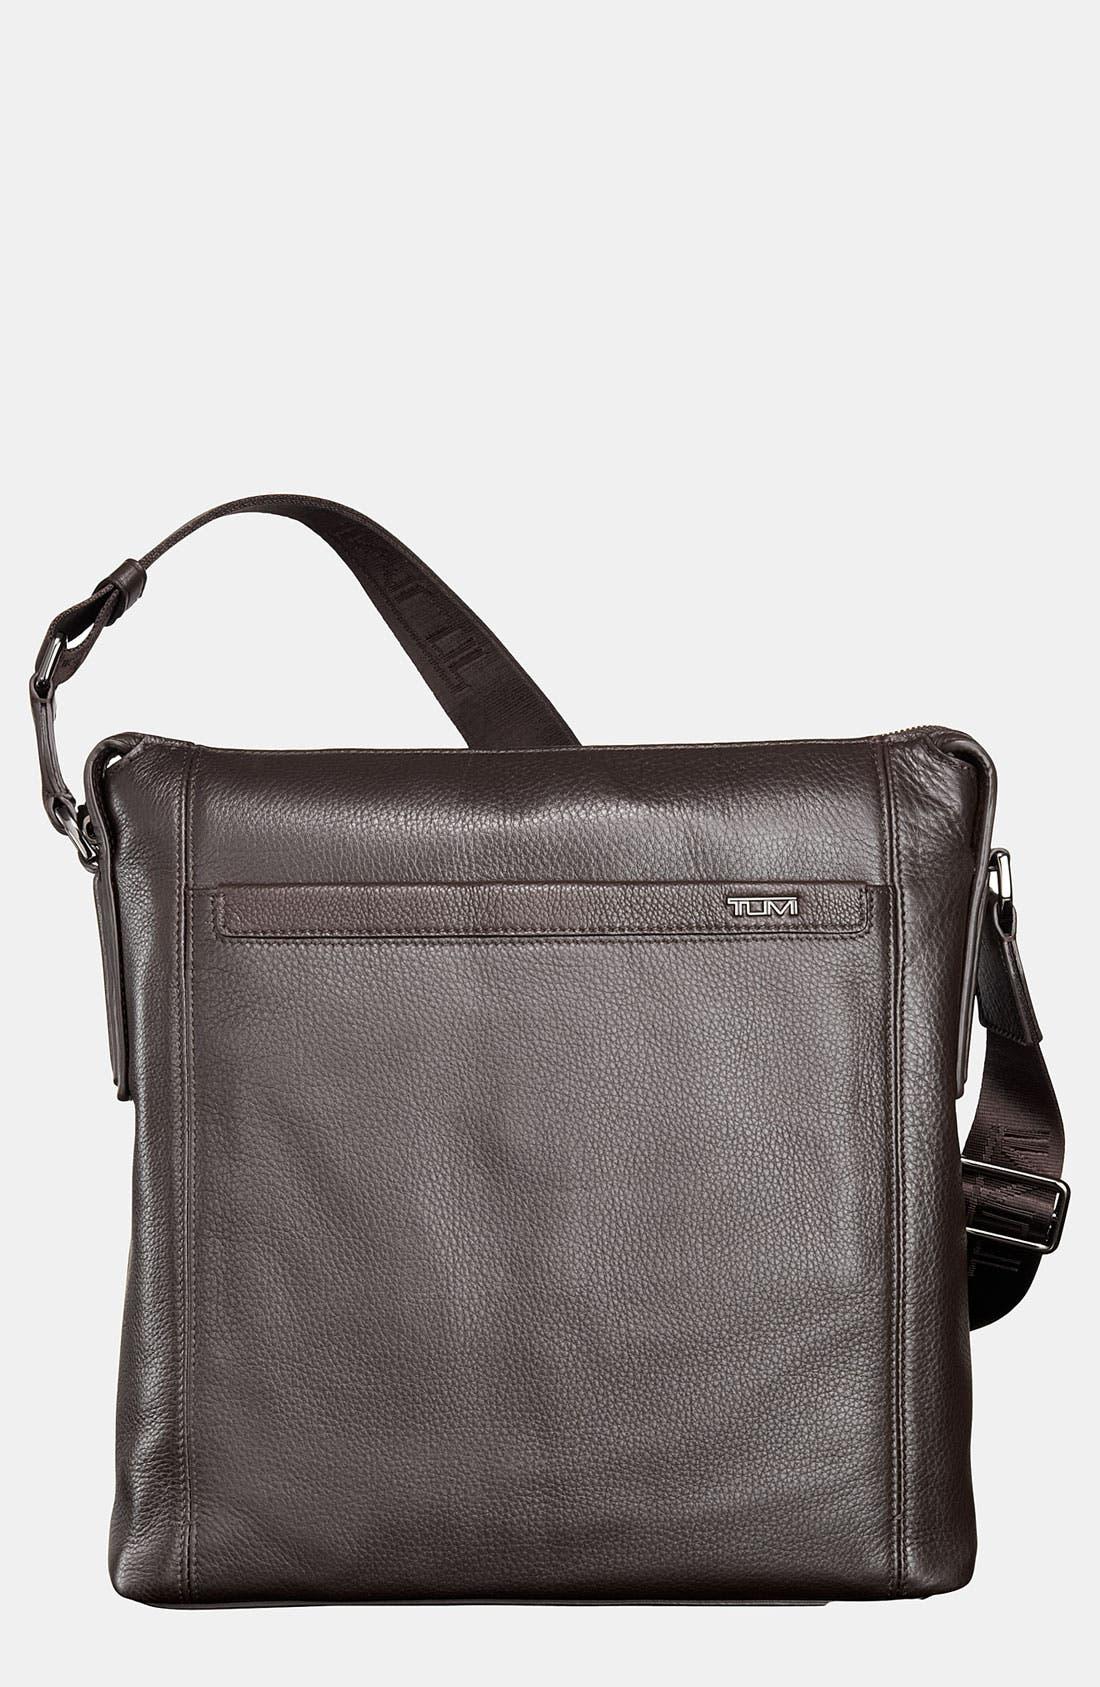 Main Image - Tumi 'Centro - Venezia' Crossbody Bag